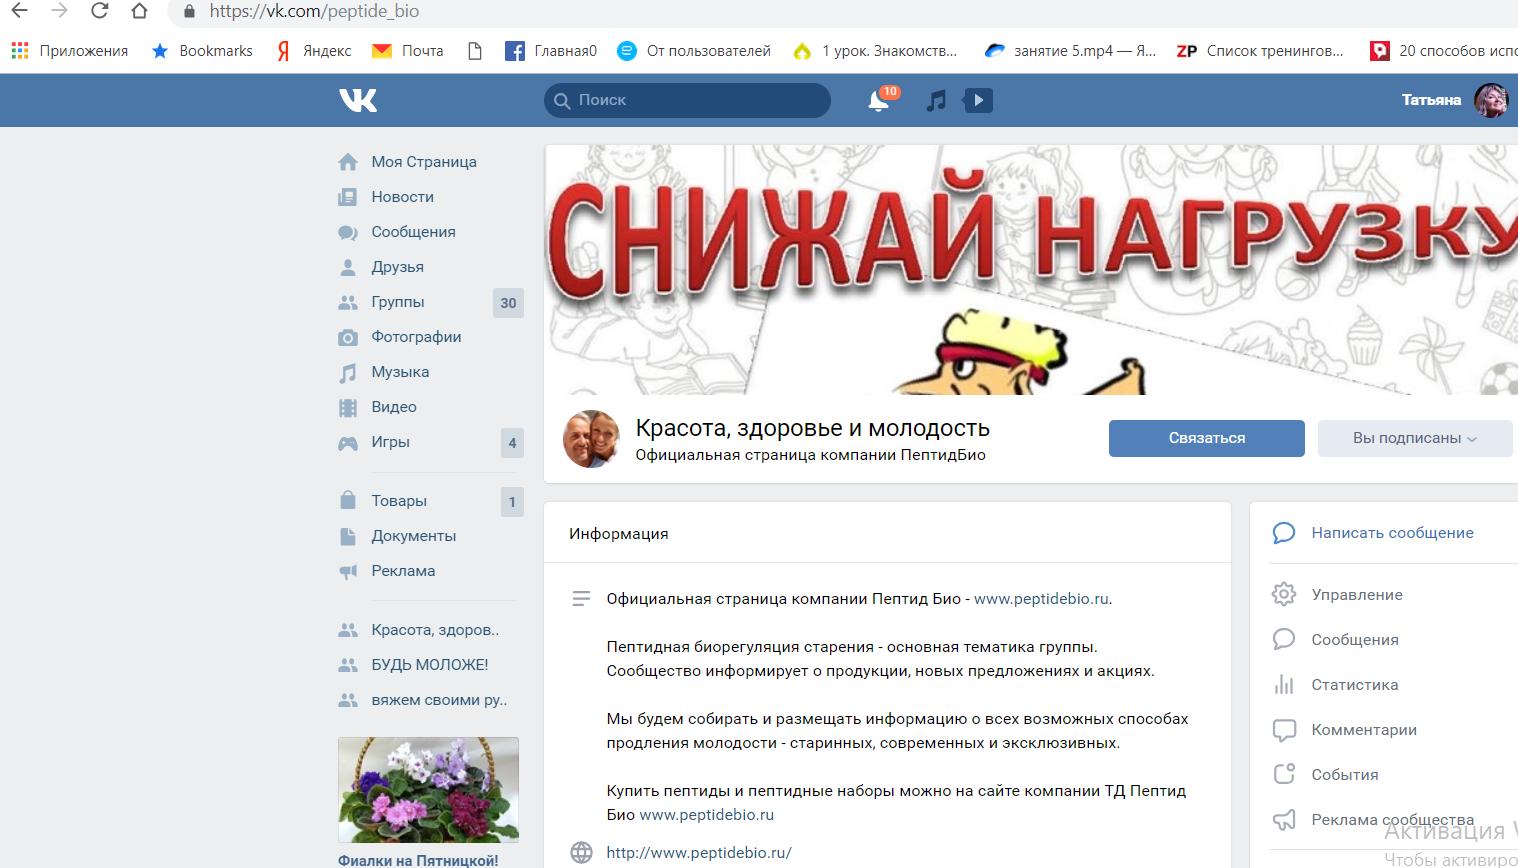 Пептиды купить Москва